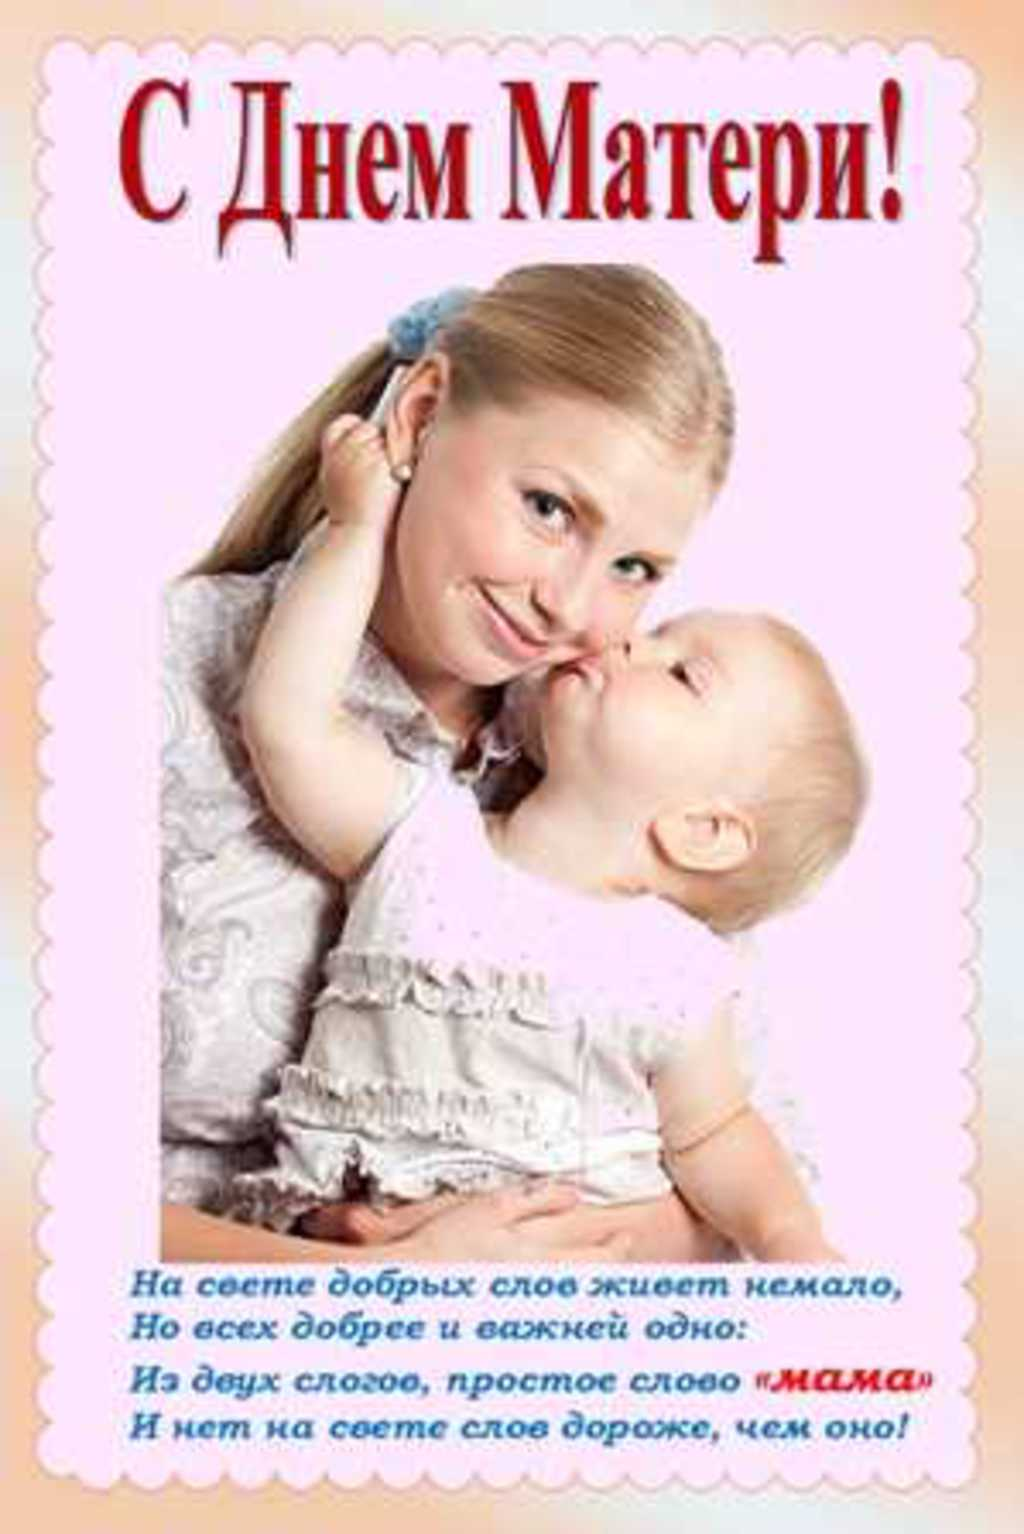 Красивое поздравление на день матери в прозе 896